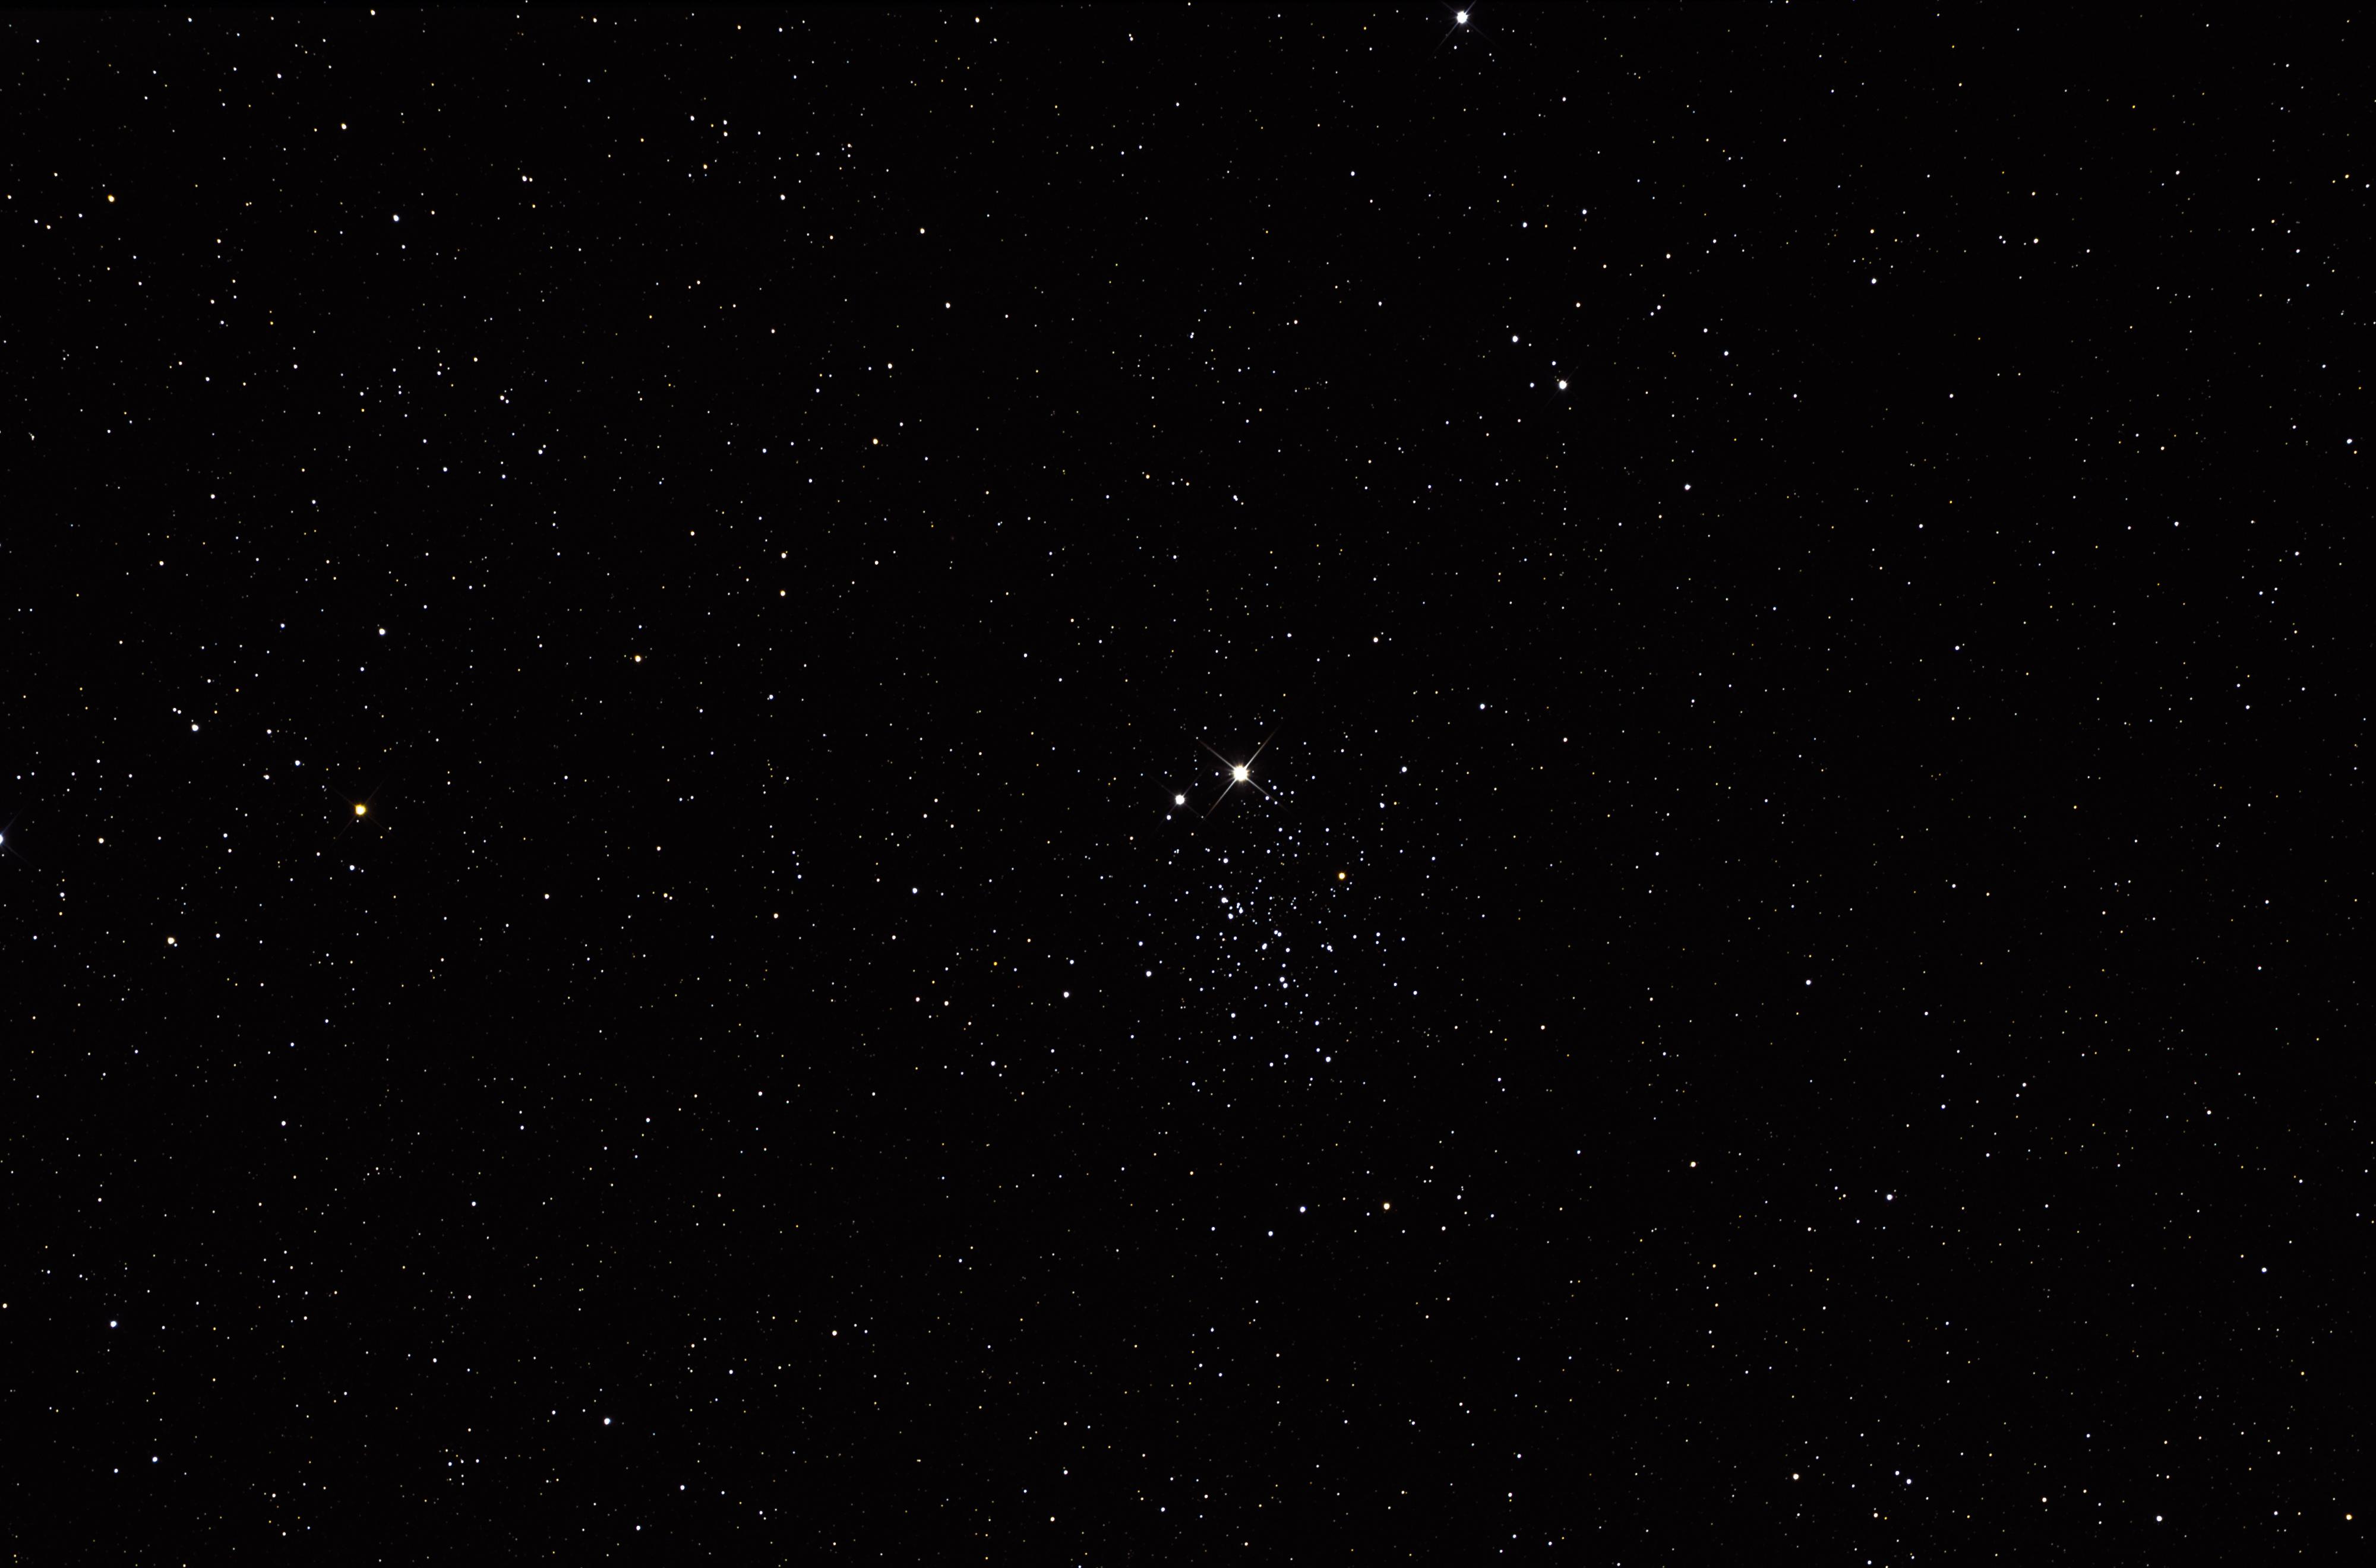 NGC 457 - E.T